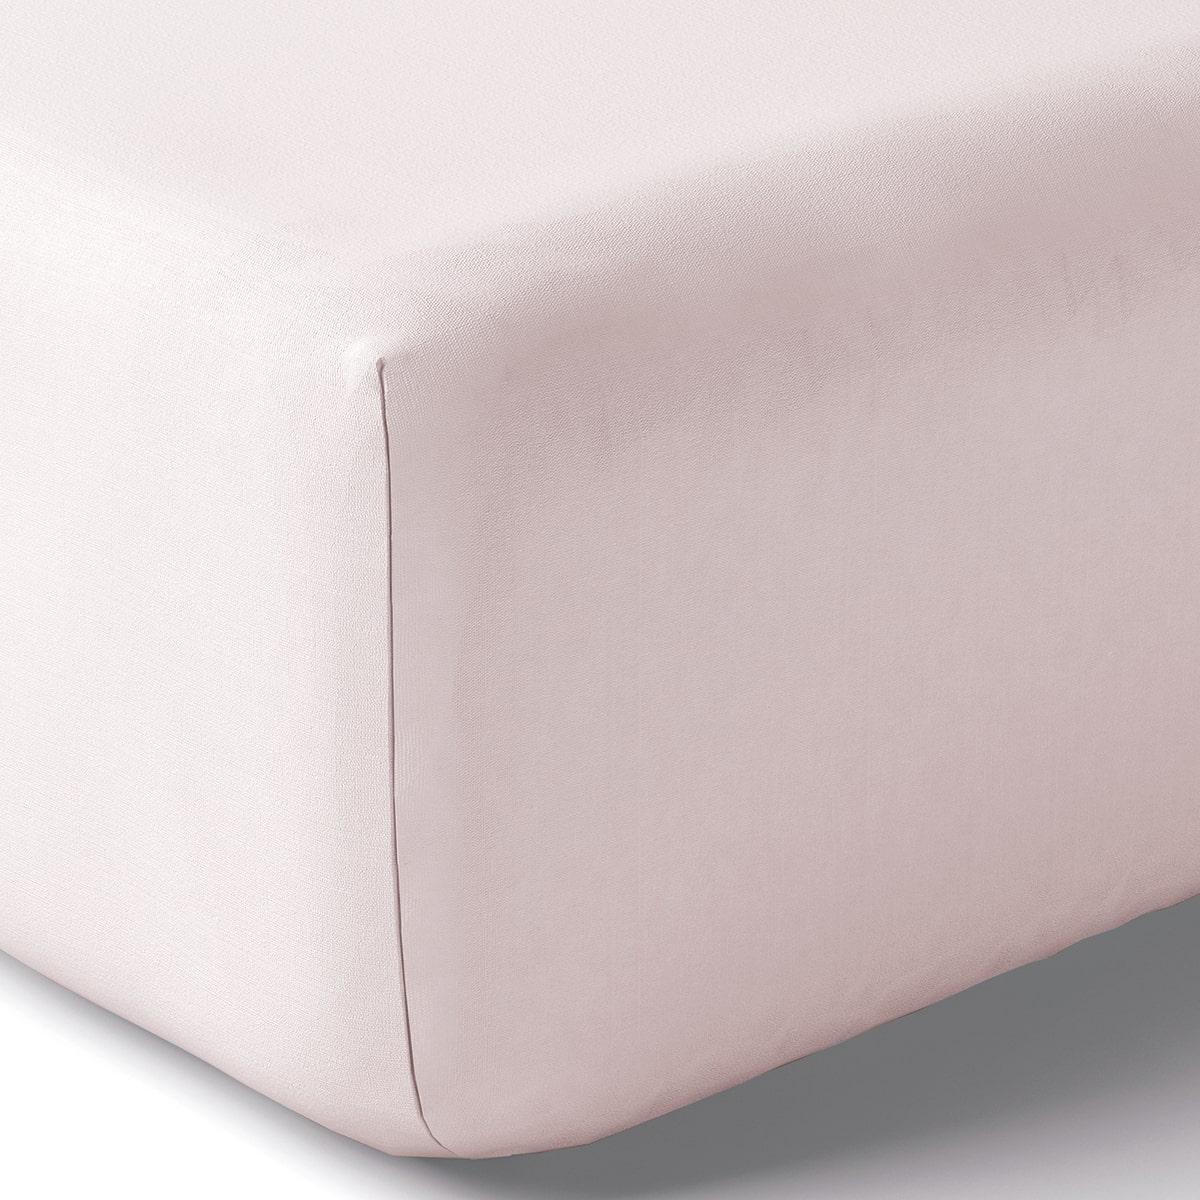 Drap housse coton 90x190 cm ecaille